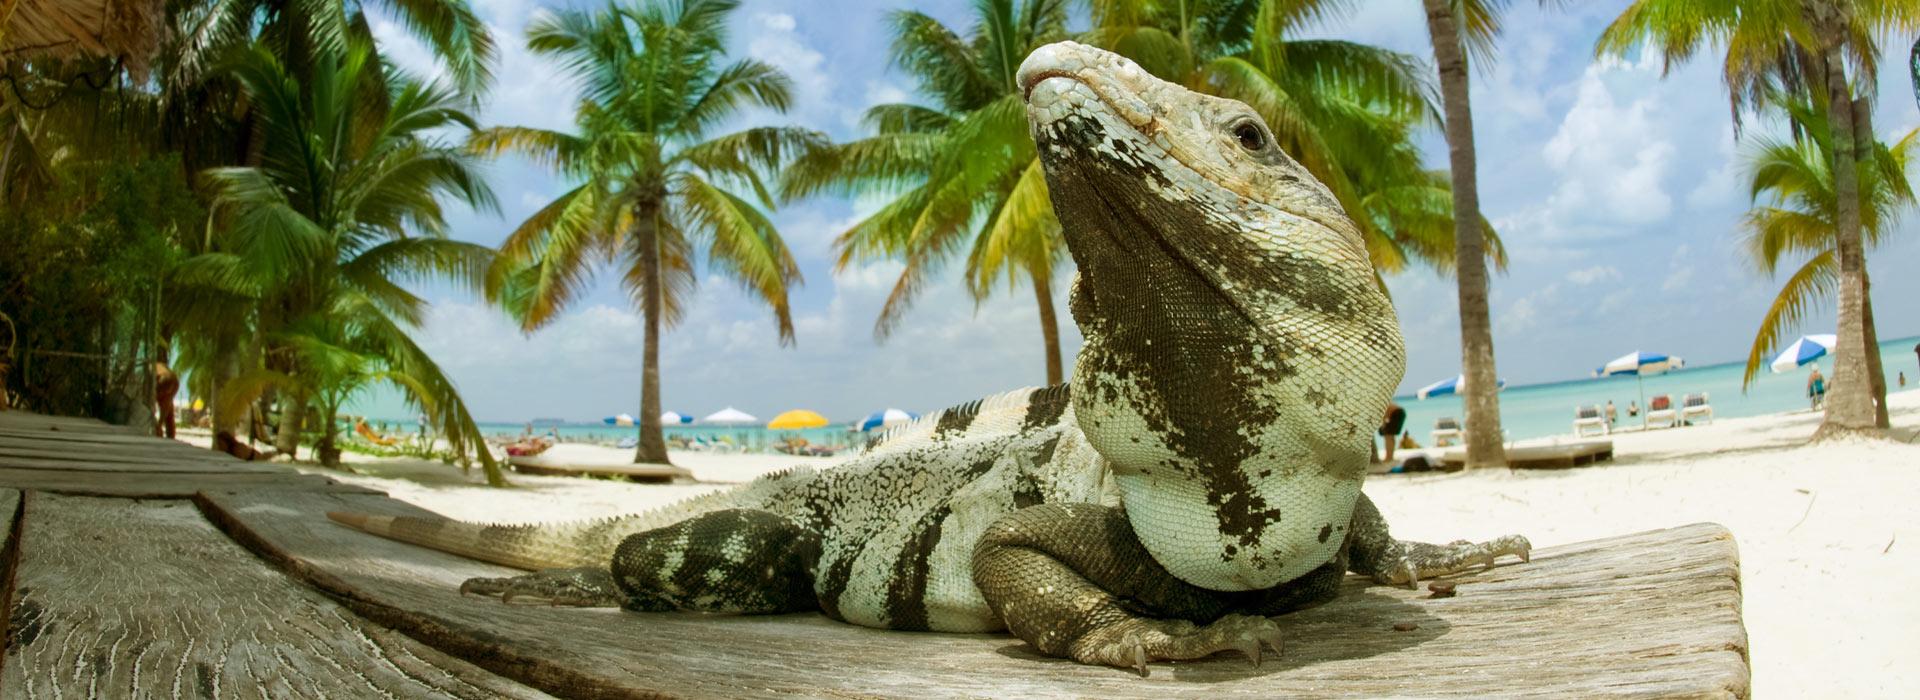 iguana_on_the_caribbean_beach_isla_mujeres